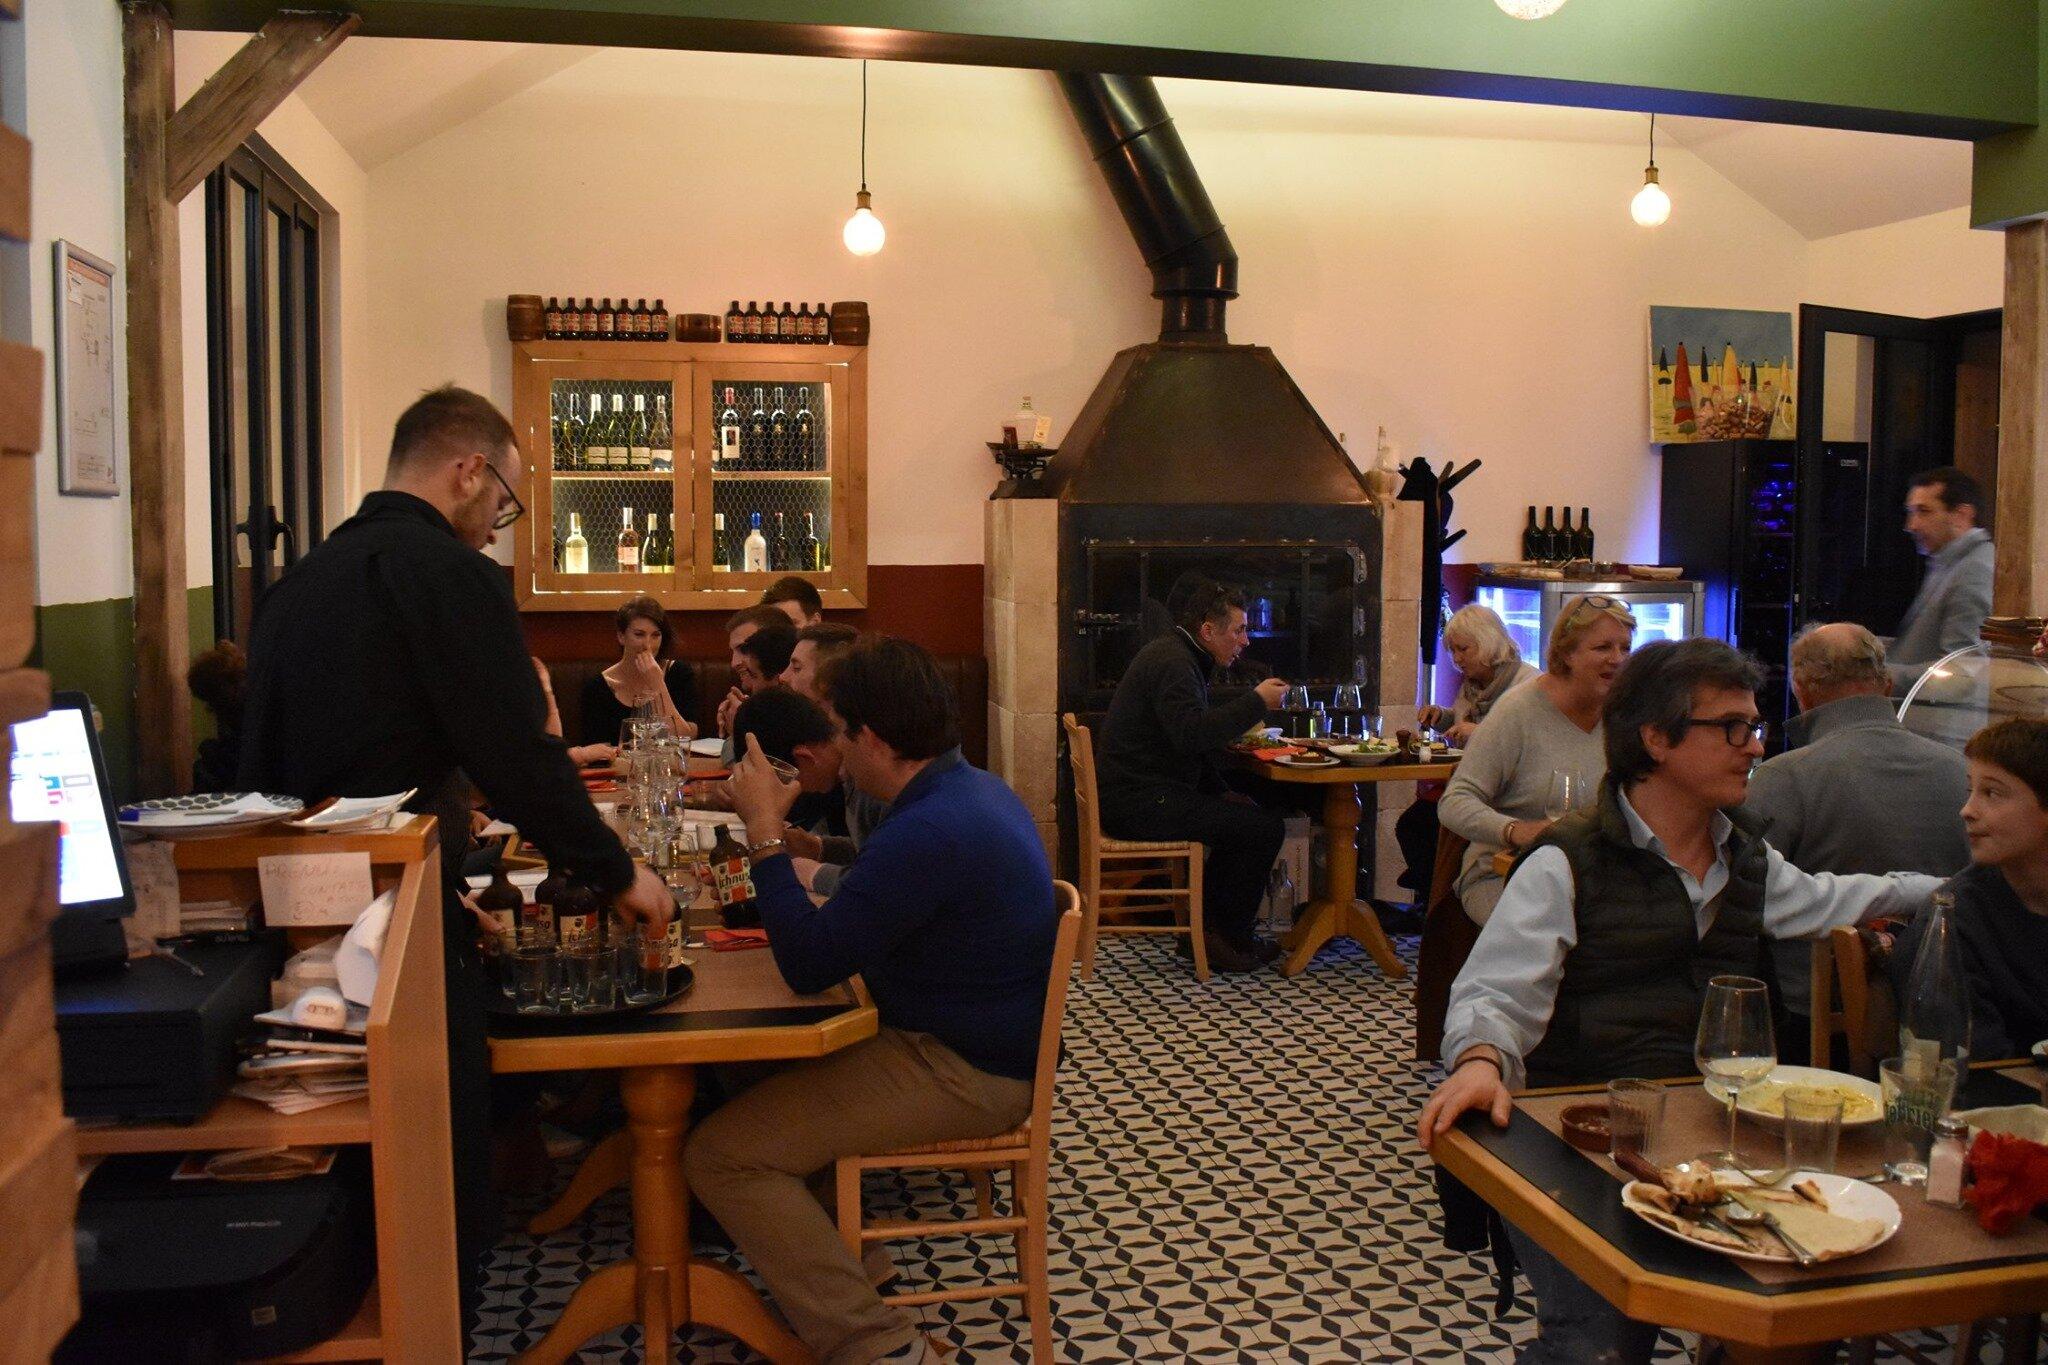 L'interno del ristorante.